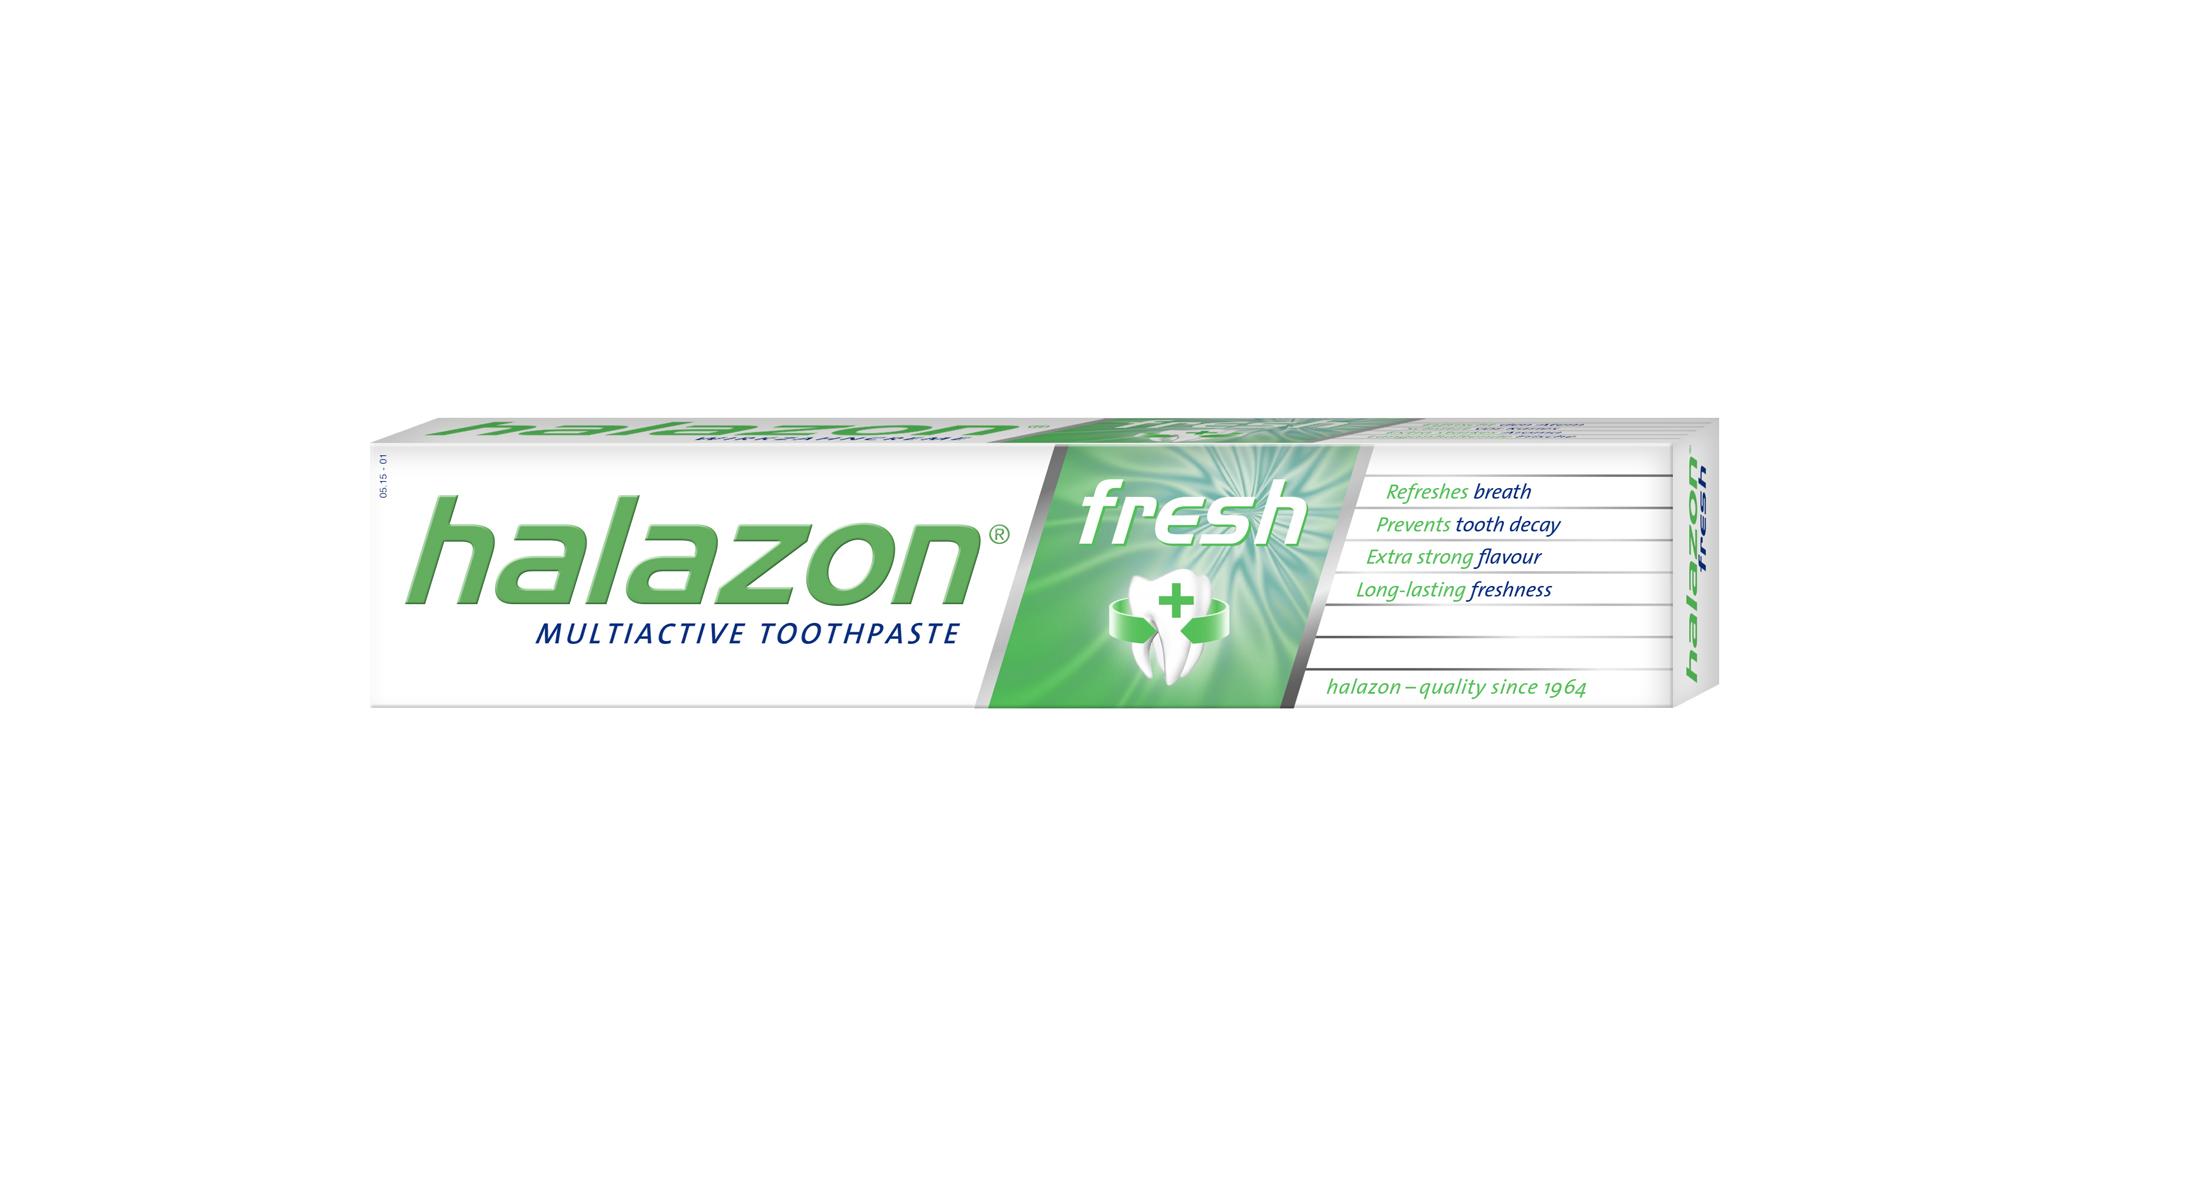 One Drop Only Зубная паста Halazon Fresh с ментолом, способствует реминерализации зубов и укрепления эмали, 75mlMP59.4DЗубная паста Halazon Fresh с ментолом, способствует реминерализации зубов и укрепления эмали